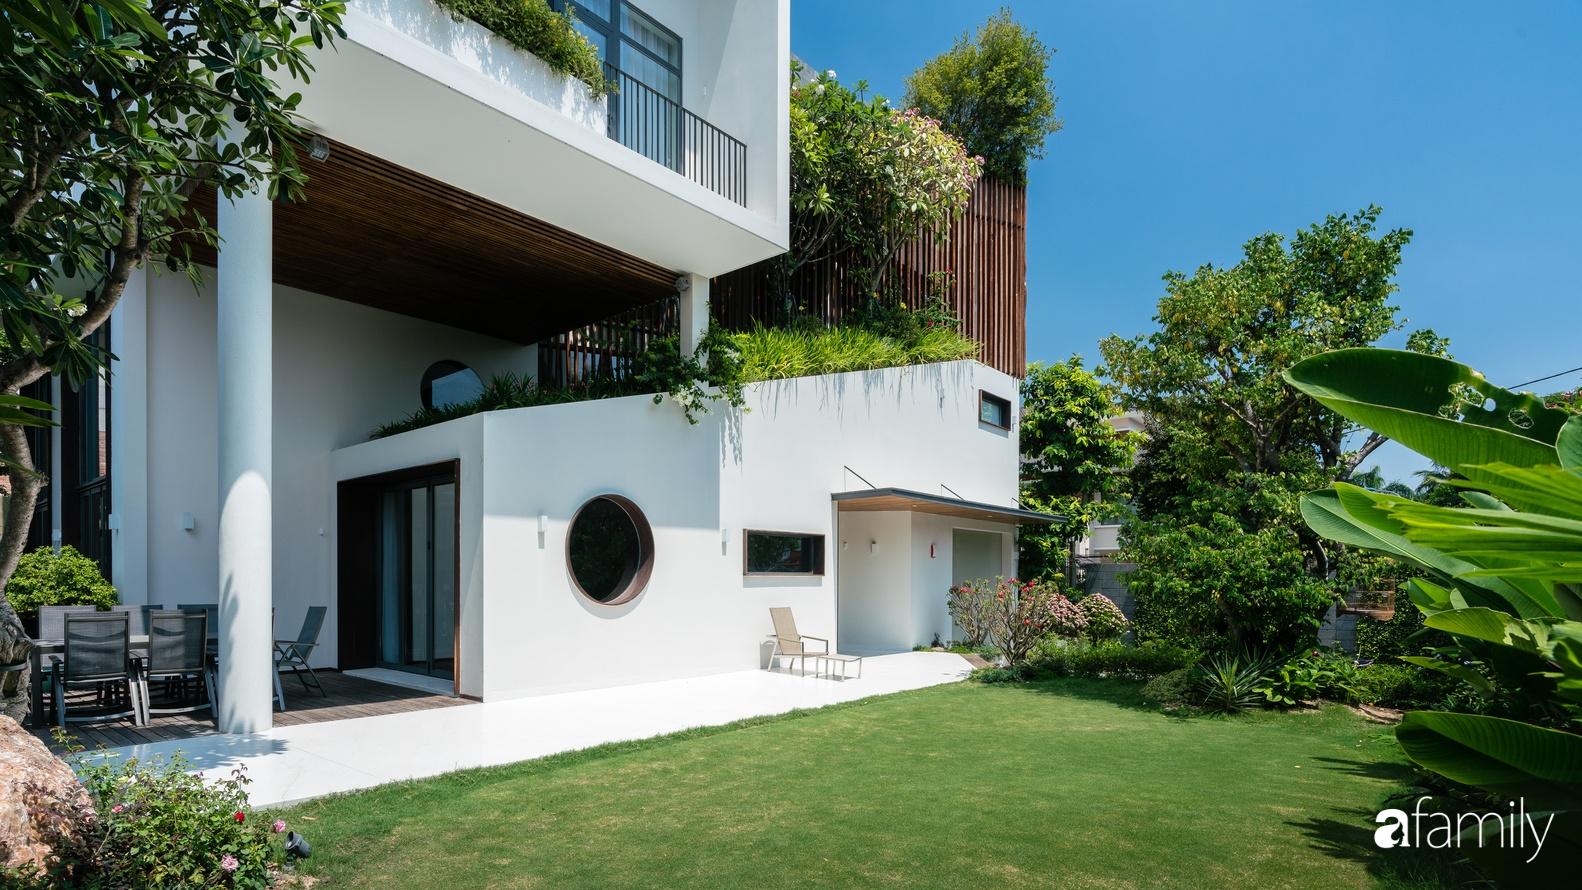 Biệt thự được xây nên nhờ chủ nhà truyền cảm hứng sáng tạo cho kiến trúc sư để tạo không gian xanh mát, sang trọng ở Quận 2, TP HCM - Ảnh 3.